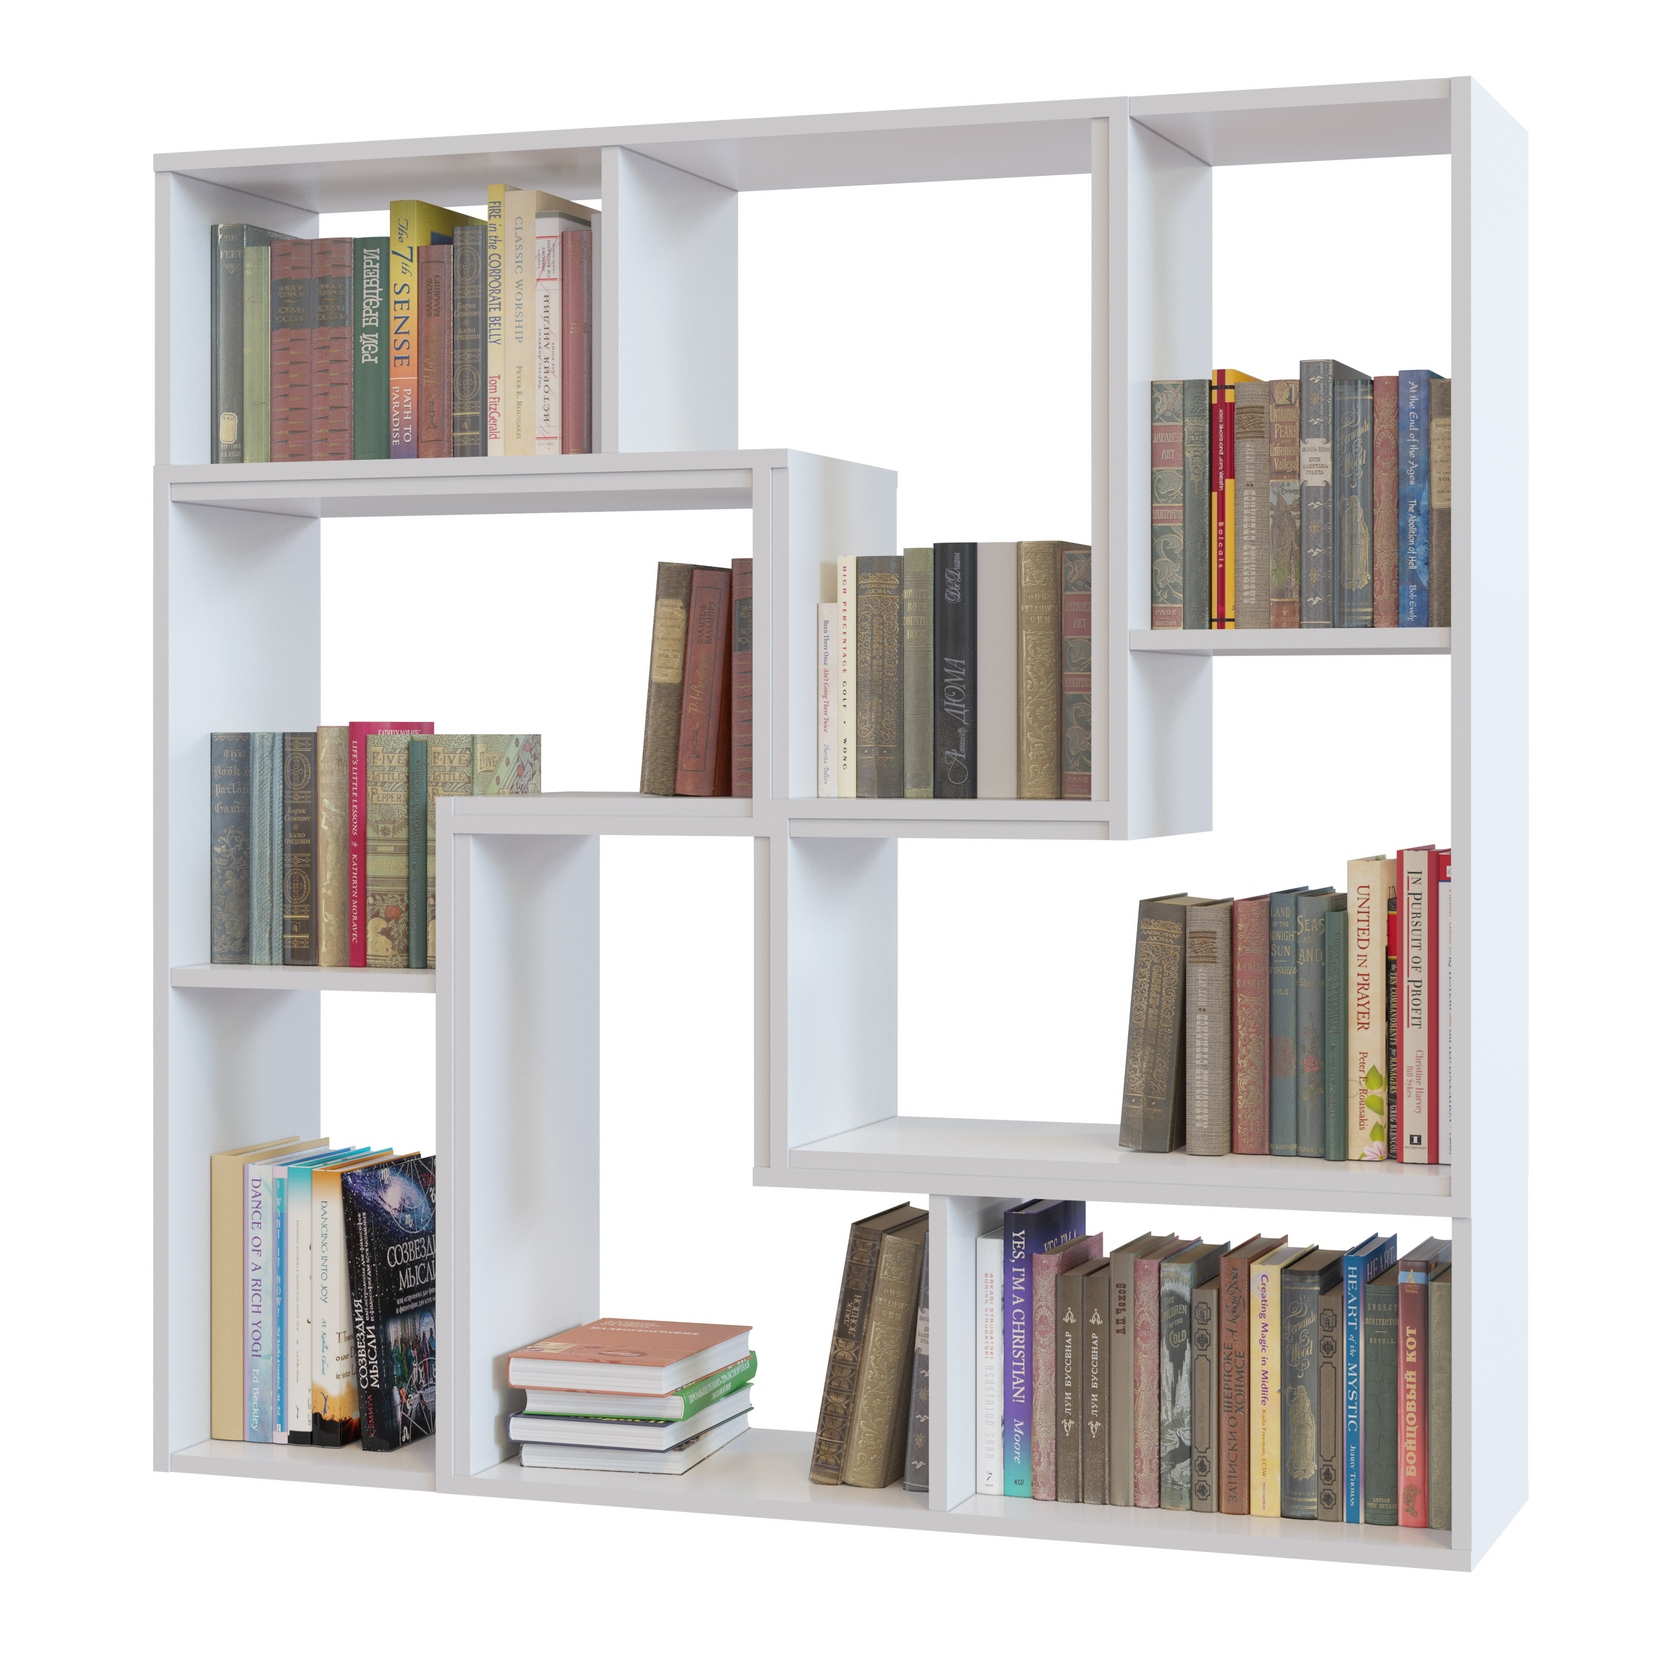 Стеллаж Сокол ПК-9, 4 шт. Вариант 1 БелыйСтеллажи для дома<br>Габаритные размеры ВхШхГ 1200x1200x296 мм. Квадратный невысокий стеллаж — это неординарный способ разнообразить обстановку в комнате.  Модель выполнена с элементами необычной внутренней геометрии, позволяющий хранить самые разные вещи и предметы: книги, альбомы, предметы интерьера, статуэтки.  В тоже время, лаконичный стиль исполнения дает возможность установить такой стеллаж практически в любом интерьере. Собрать представленный стеллаж можно из модульных элементов трех цветов: Венге, Беленый дуб и Белый: в однотонном варианте или комбинируя цвета.  При заказе требуется указать сколько элементов какого цвета понадобится для создания уникального стеллажа. Изделие выполняется из ЛДСП толщиной 16 мм, края обработаны кромкой ПВХ 0,4 мм.  Стеллаж устанавливается на пластиковые опоры. Обратите внимание! Модули стеллажа соединяются между собой с помощью межсекционных стяжек, которые входят в комплект фурнитуры.  Для соединения модулей между собой необходимо просверлить отверстия диаметром 5 мм в тех деталях, которые будут соприкасаться плоскостями.  Для сверления точных отверстий рекомендуется использовать струбцину. Для устойчивости стеллаж рекомендуется крепить к стене при помощи монтажных уголков, которые входят в комплект фурнитуры.  При заказе услуги сборки нашими специалистами крепление к стене включено в общую стоимость сборки.<br><br>Цвет: Белый<br>Цвет: Белый<br>Высота мм: 1200<br>Ширина мм: 1200<br>Глубина мм: 296<br>Кол-во упаковок: None<br>Форма поставки: В разобранном виде<br>Срок гарантии: 2 года<br>Тип: Открытые, Книжные, Модульные<br>Материал: Деревянные, из ЛДСП<br>Размер: Широкие